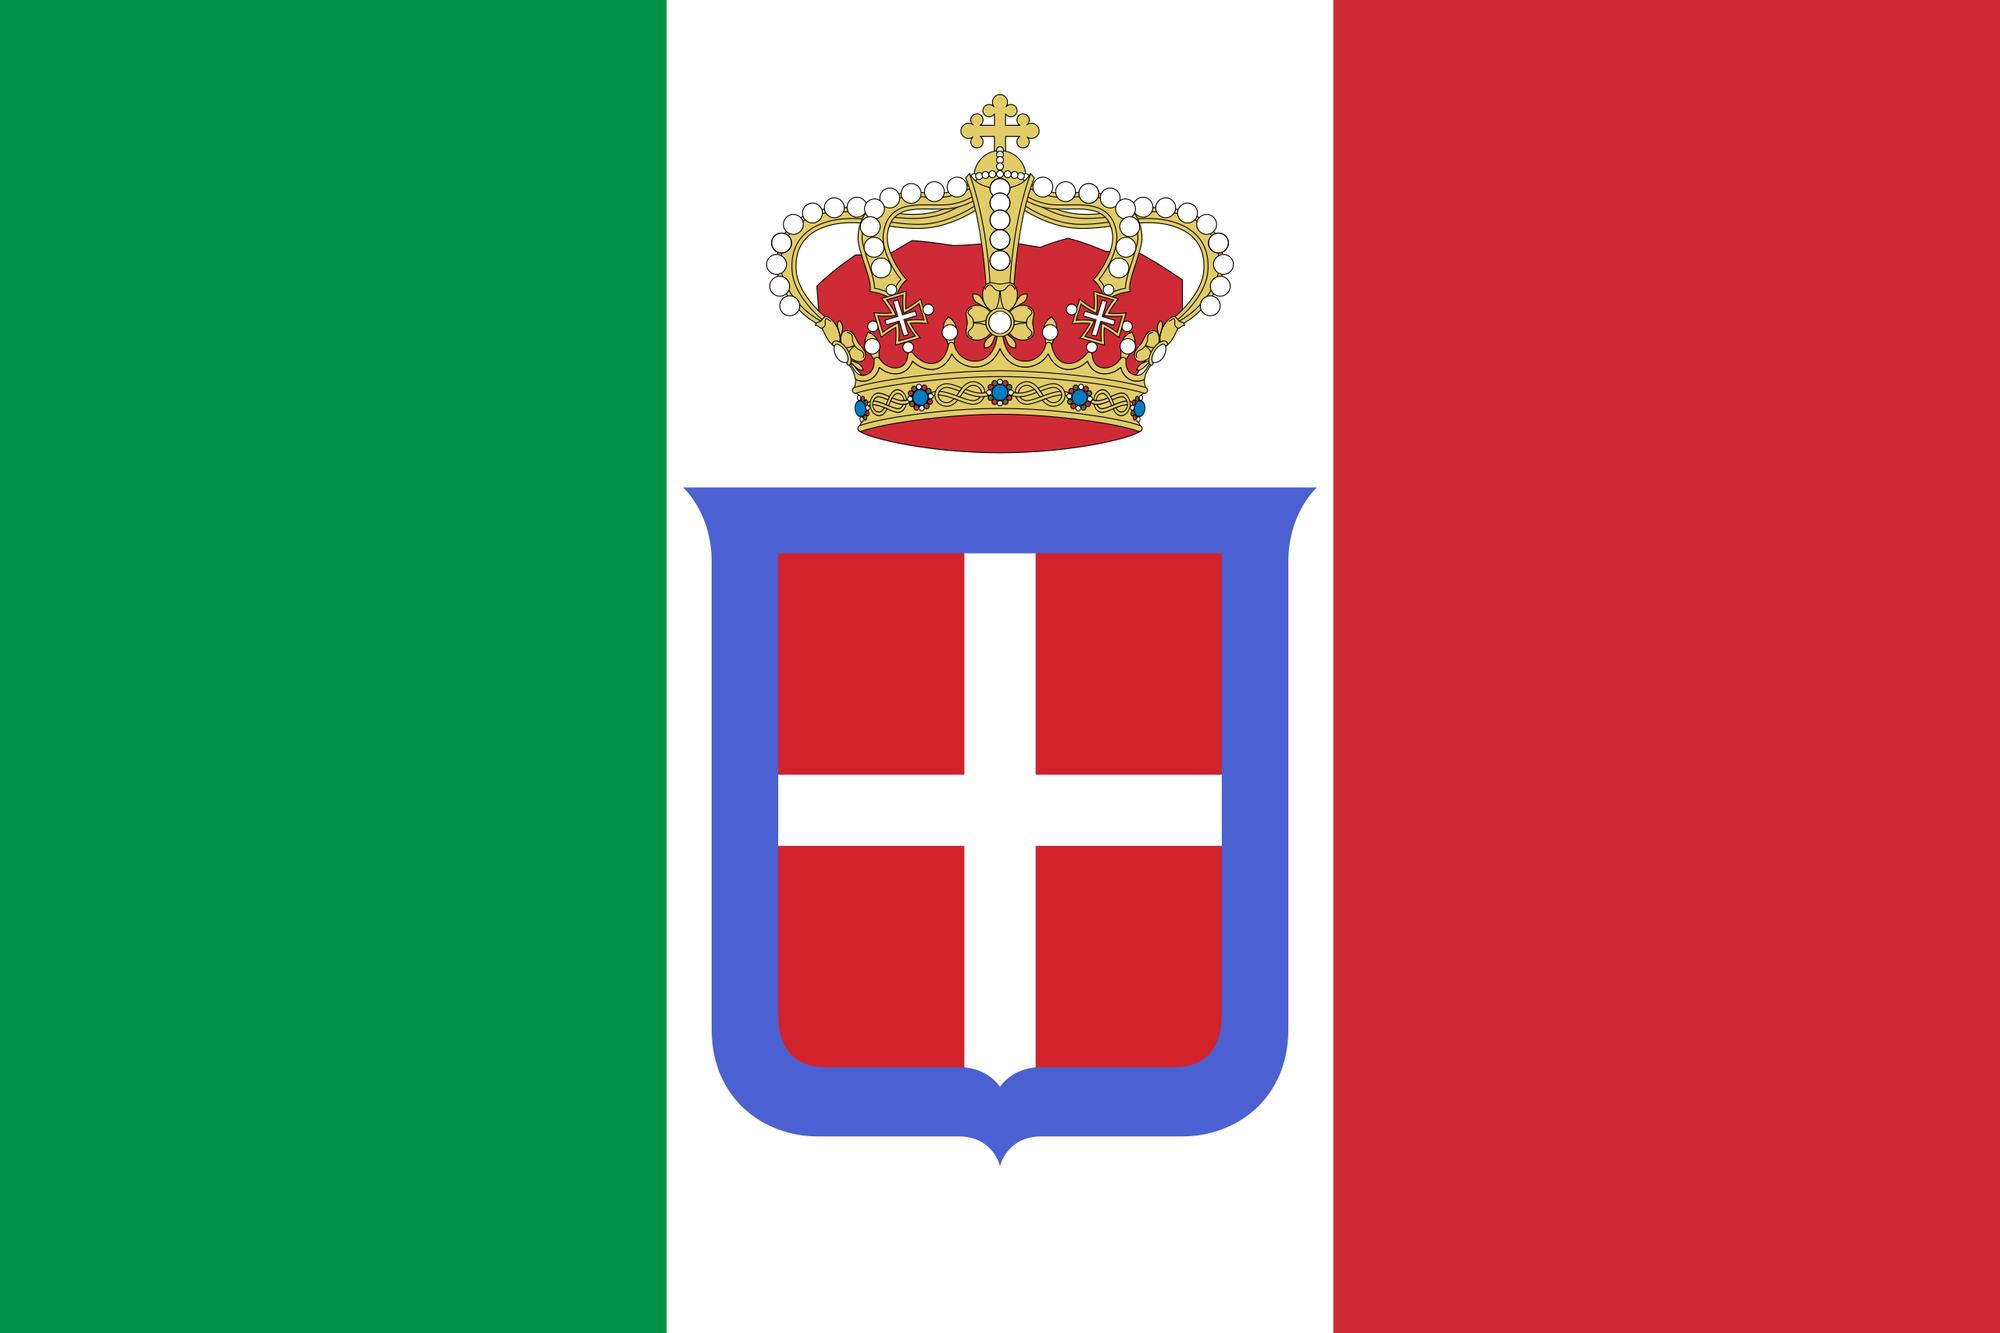 De Italiaanse vlag tot 1946. Merk vooral het wapenschild van het huis van Savoie op met de blauwe band., gf